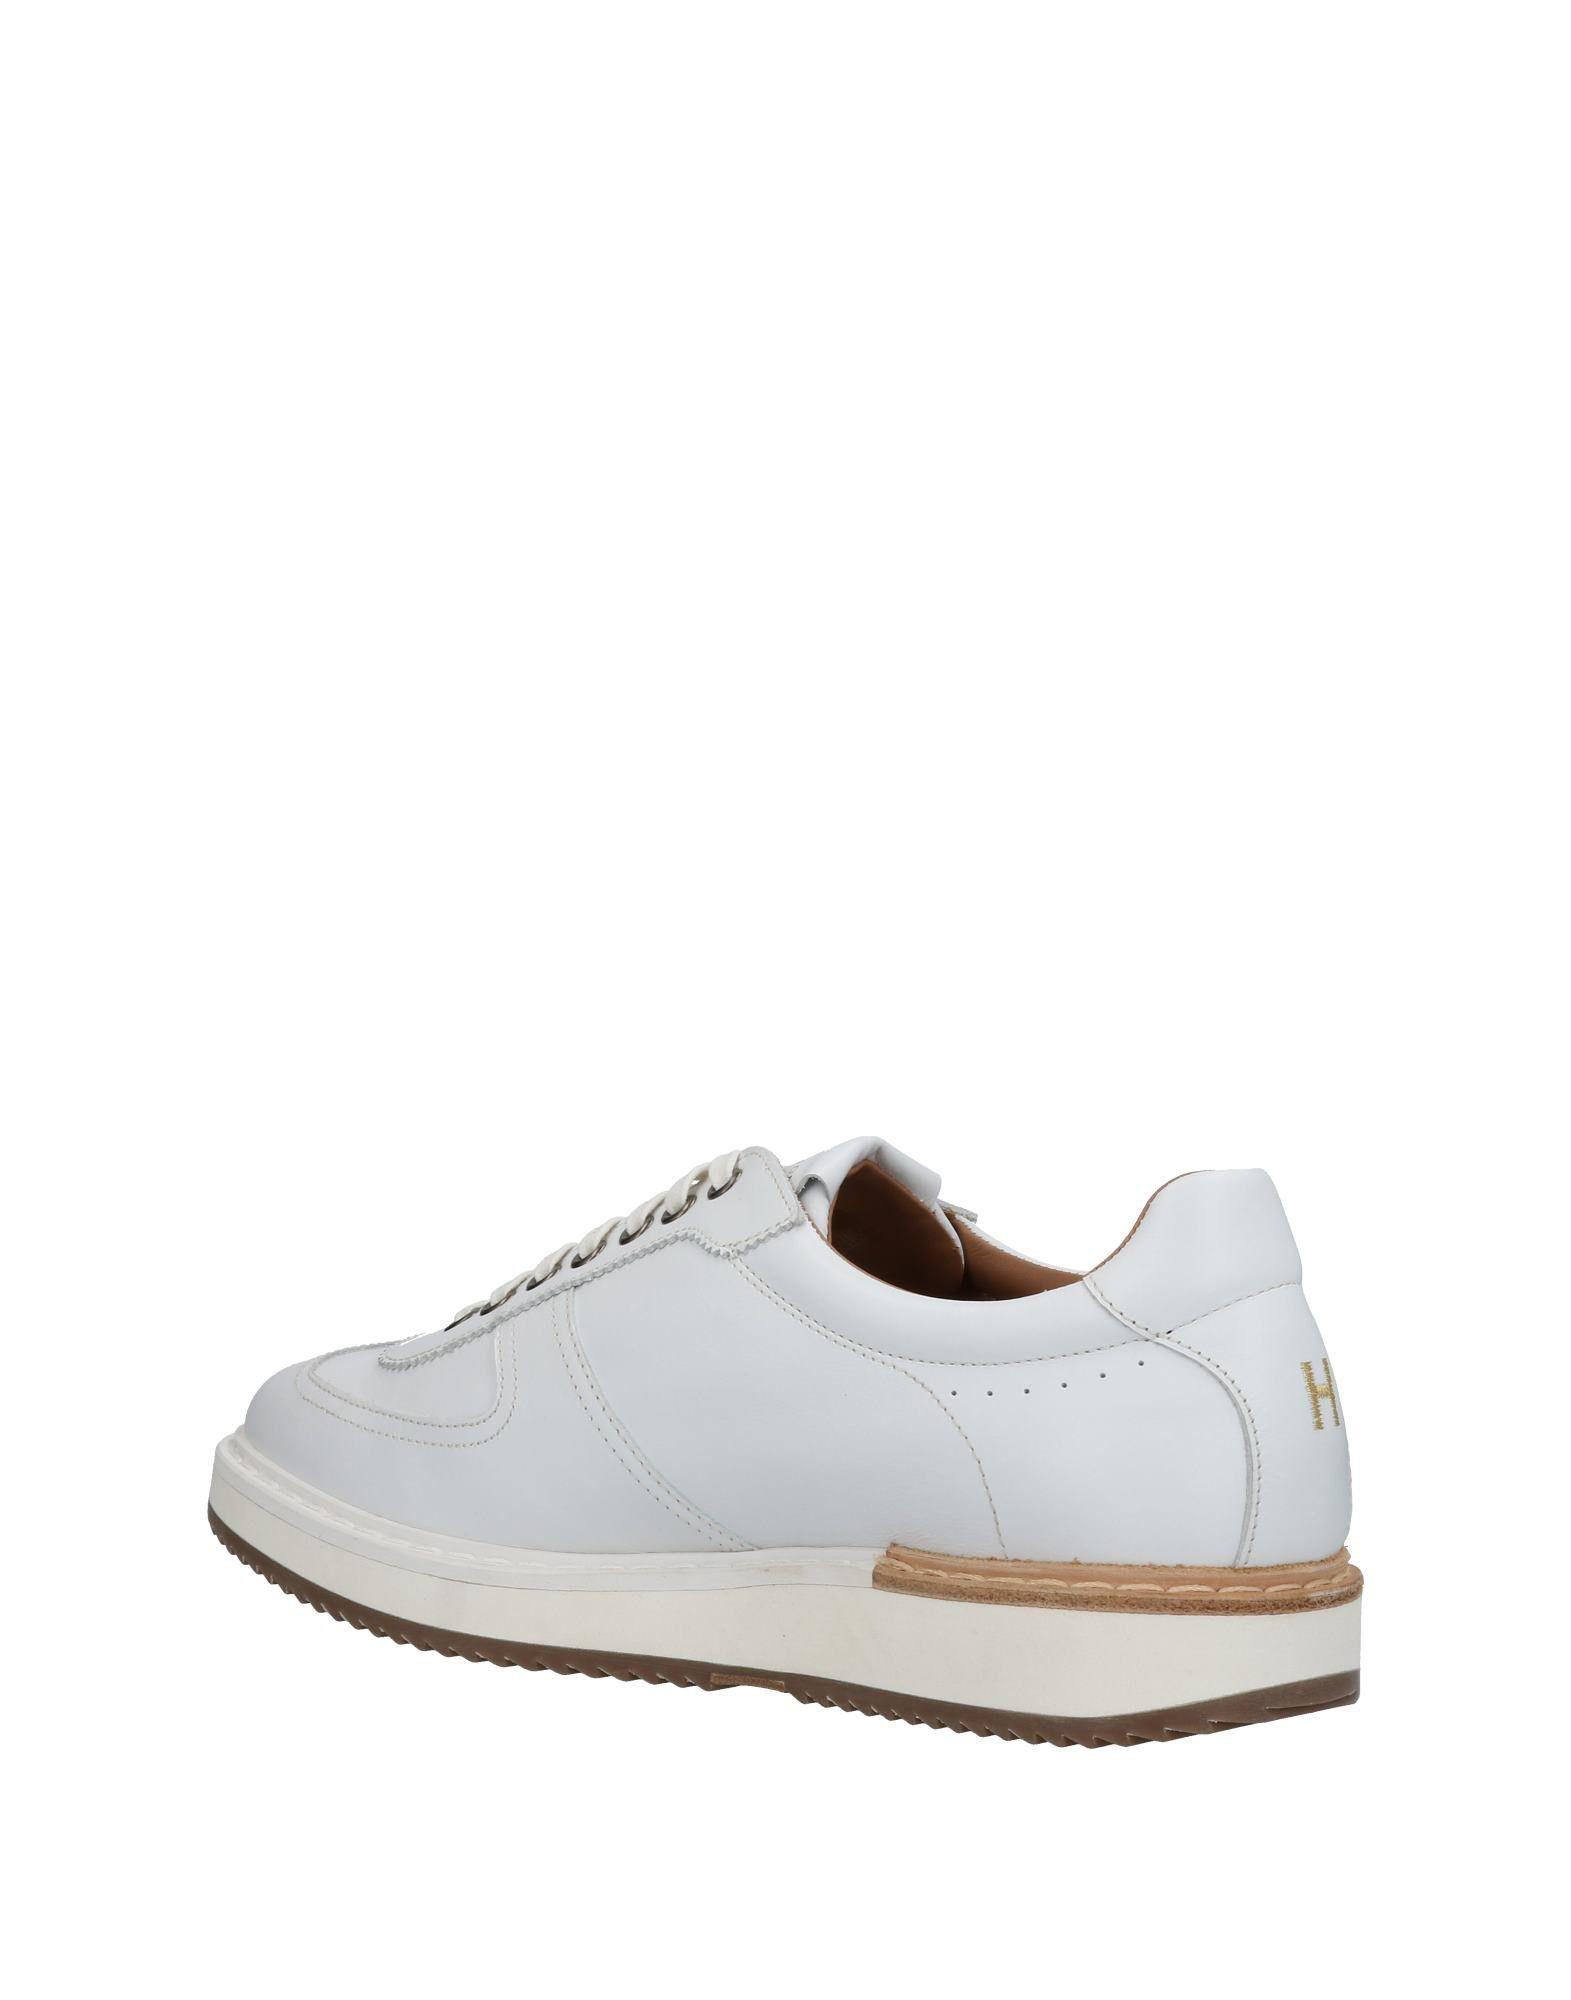 FOOTWEAR - Low-tops & sneakers Henderson lqWKzOvMt